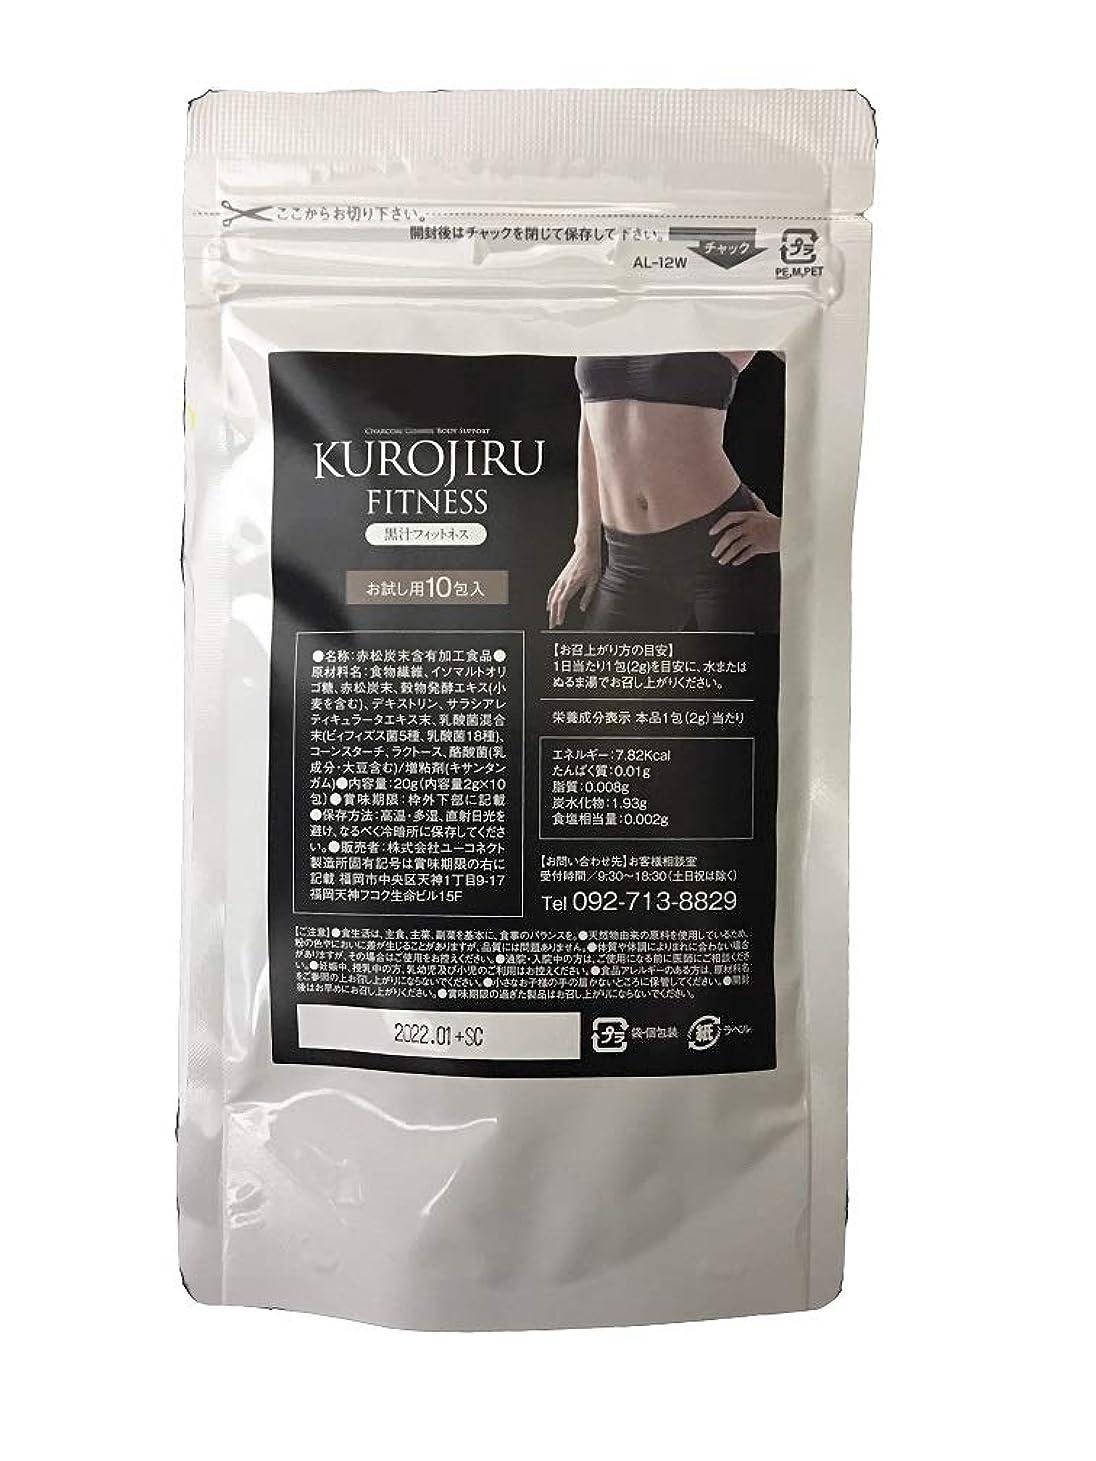 役員米ドル商業の黒汁フィットネス(KUROJIRU FITNESS) 10包 チャコールクレンズ 赤松活性炭 オリゴ糖 サラシアエキス 酵素